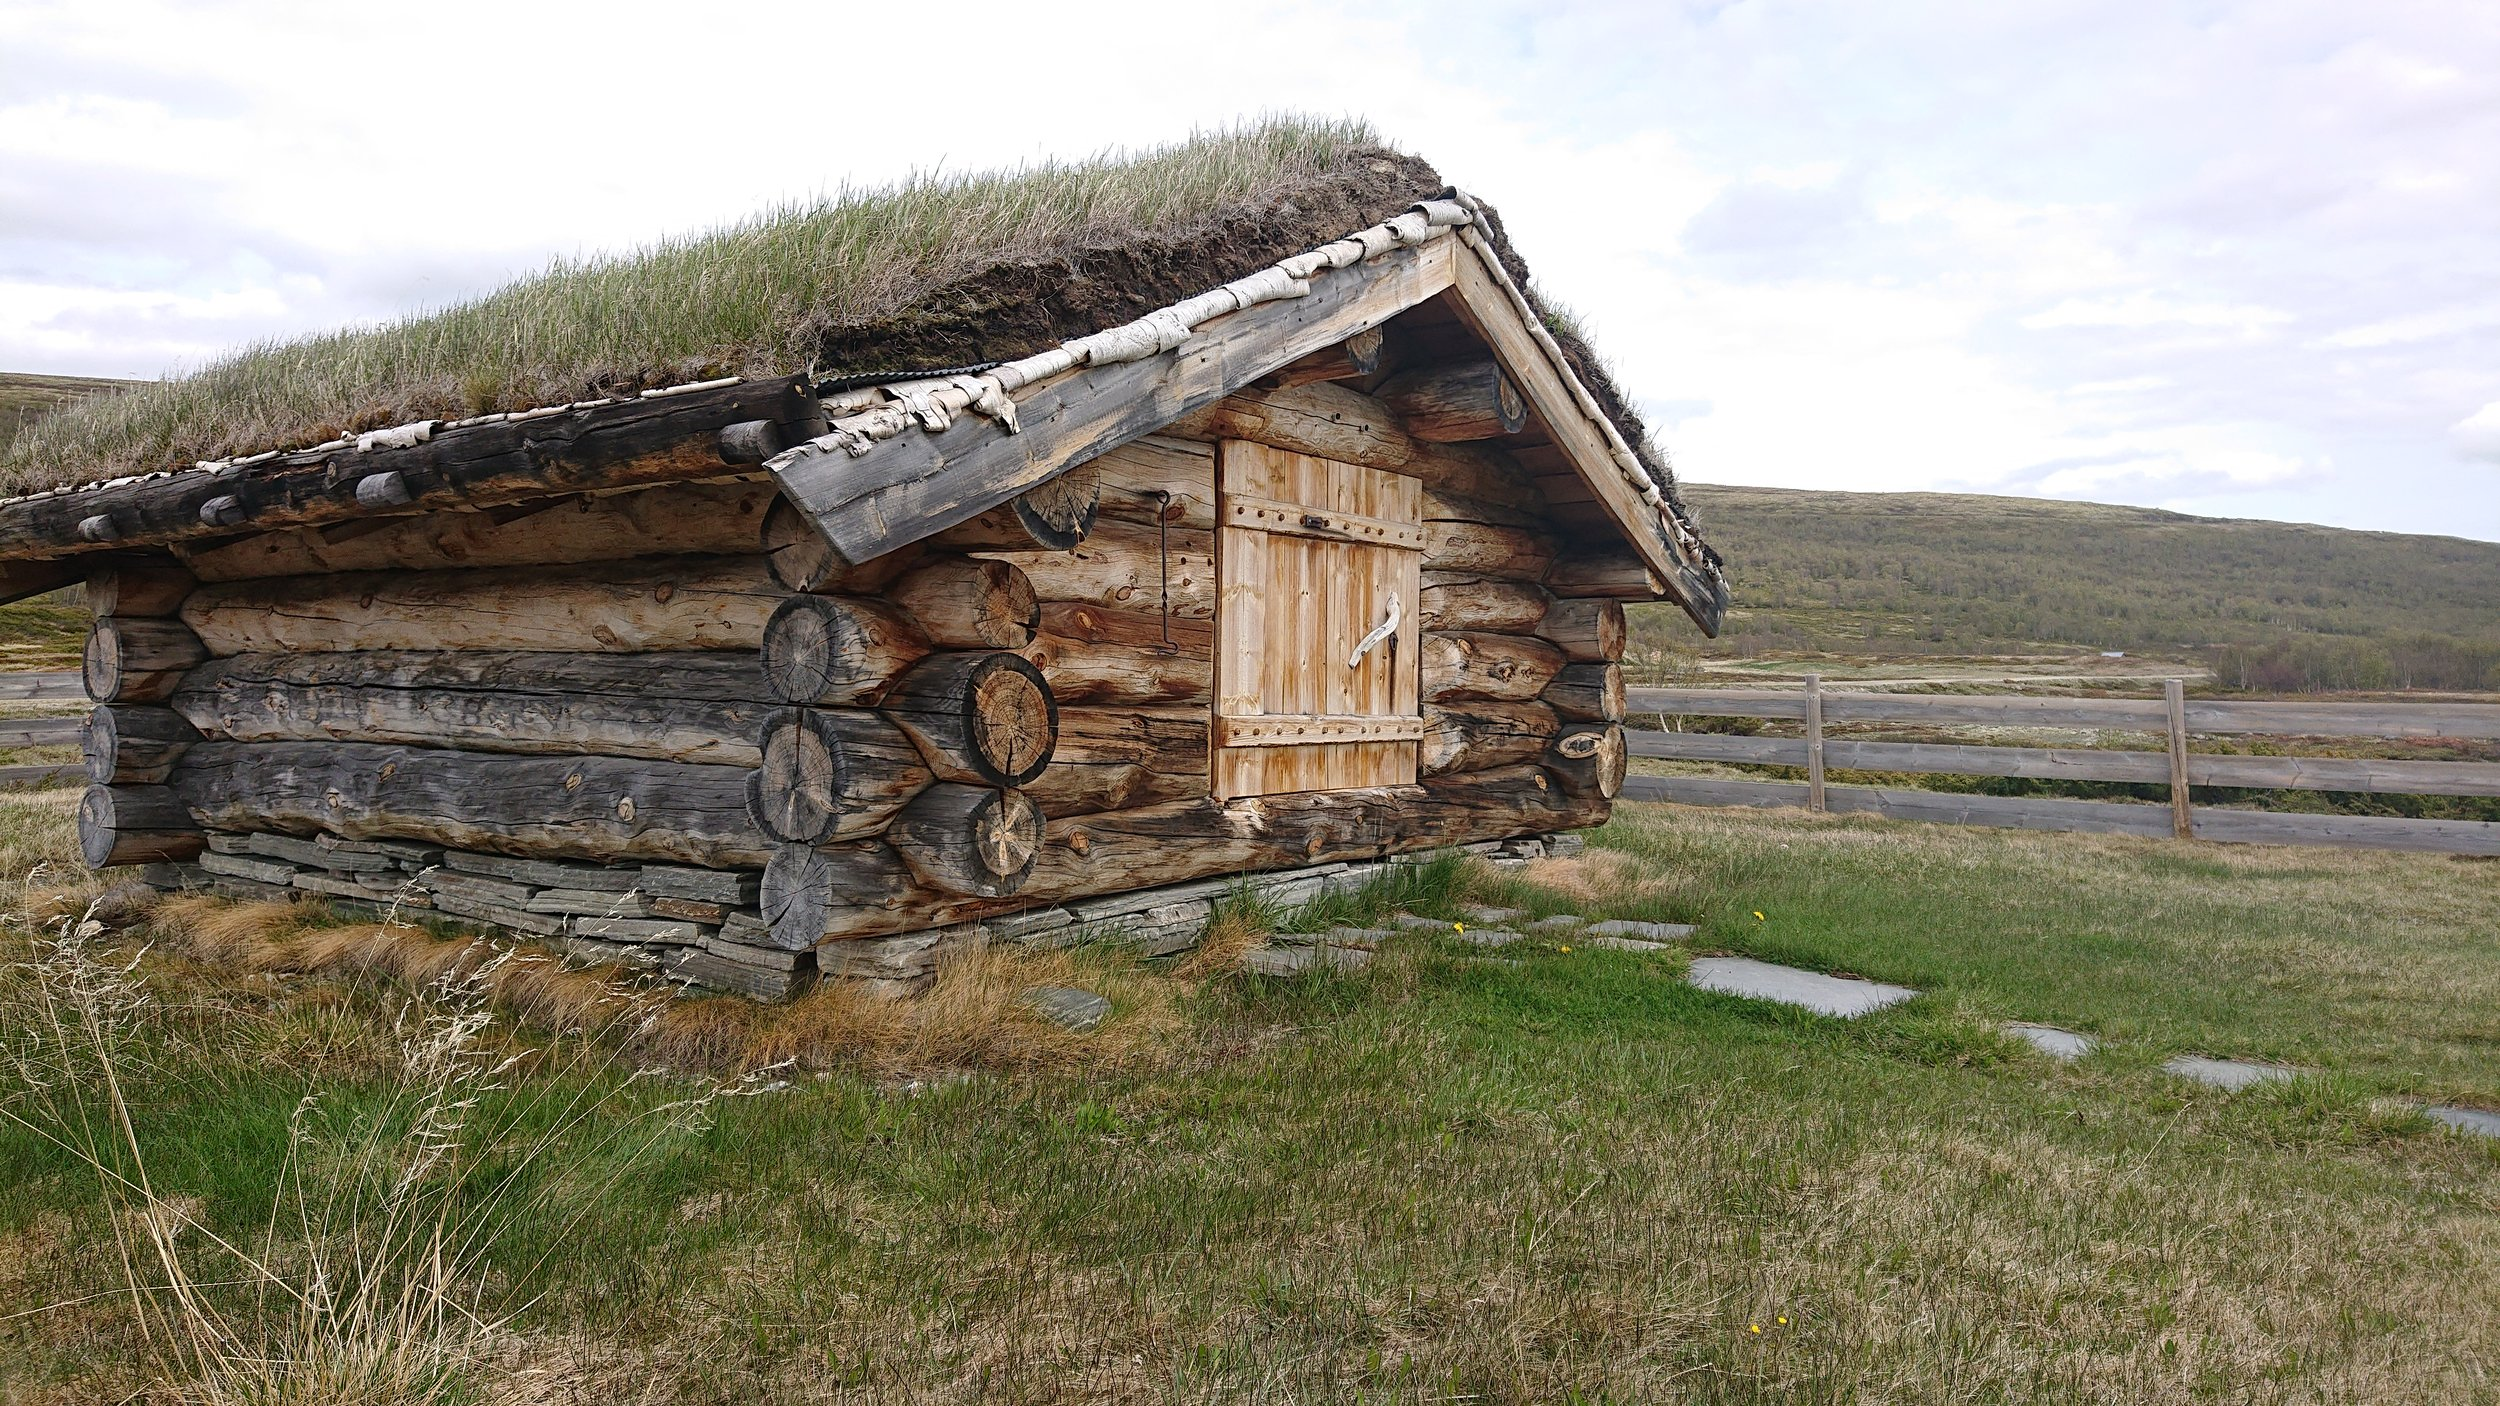 Barthbua Grimsdalen – med informasjon om registreringer og funn etter tidligere tiders fangst og aktivitet i Grimsdalen